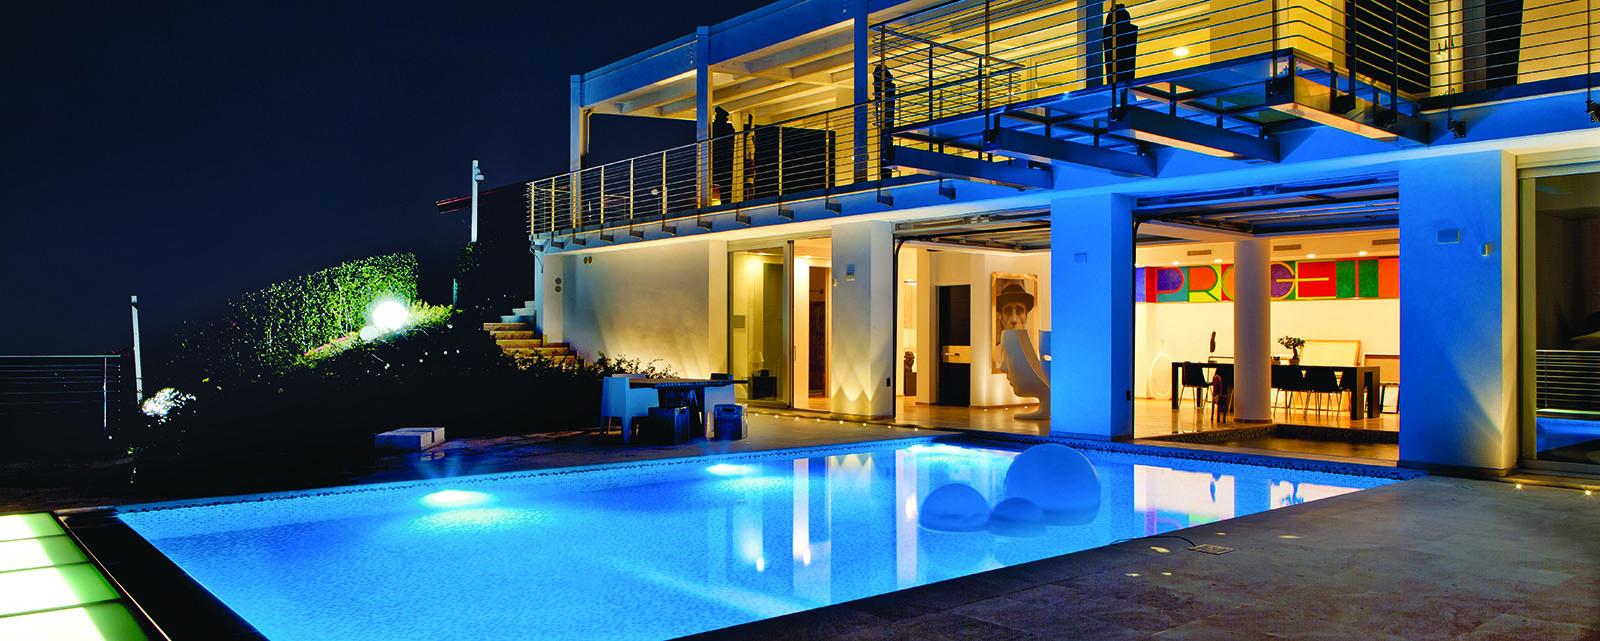 imagine piscina casa